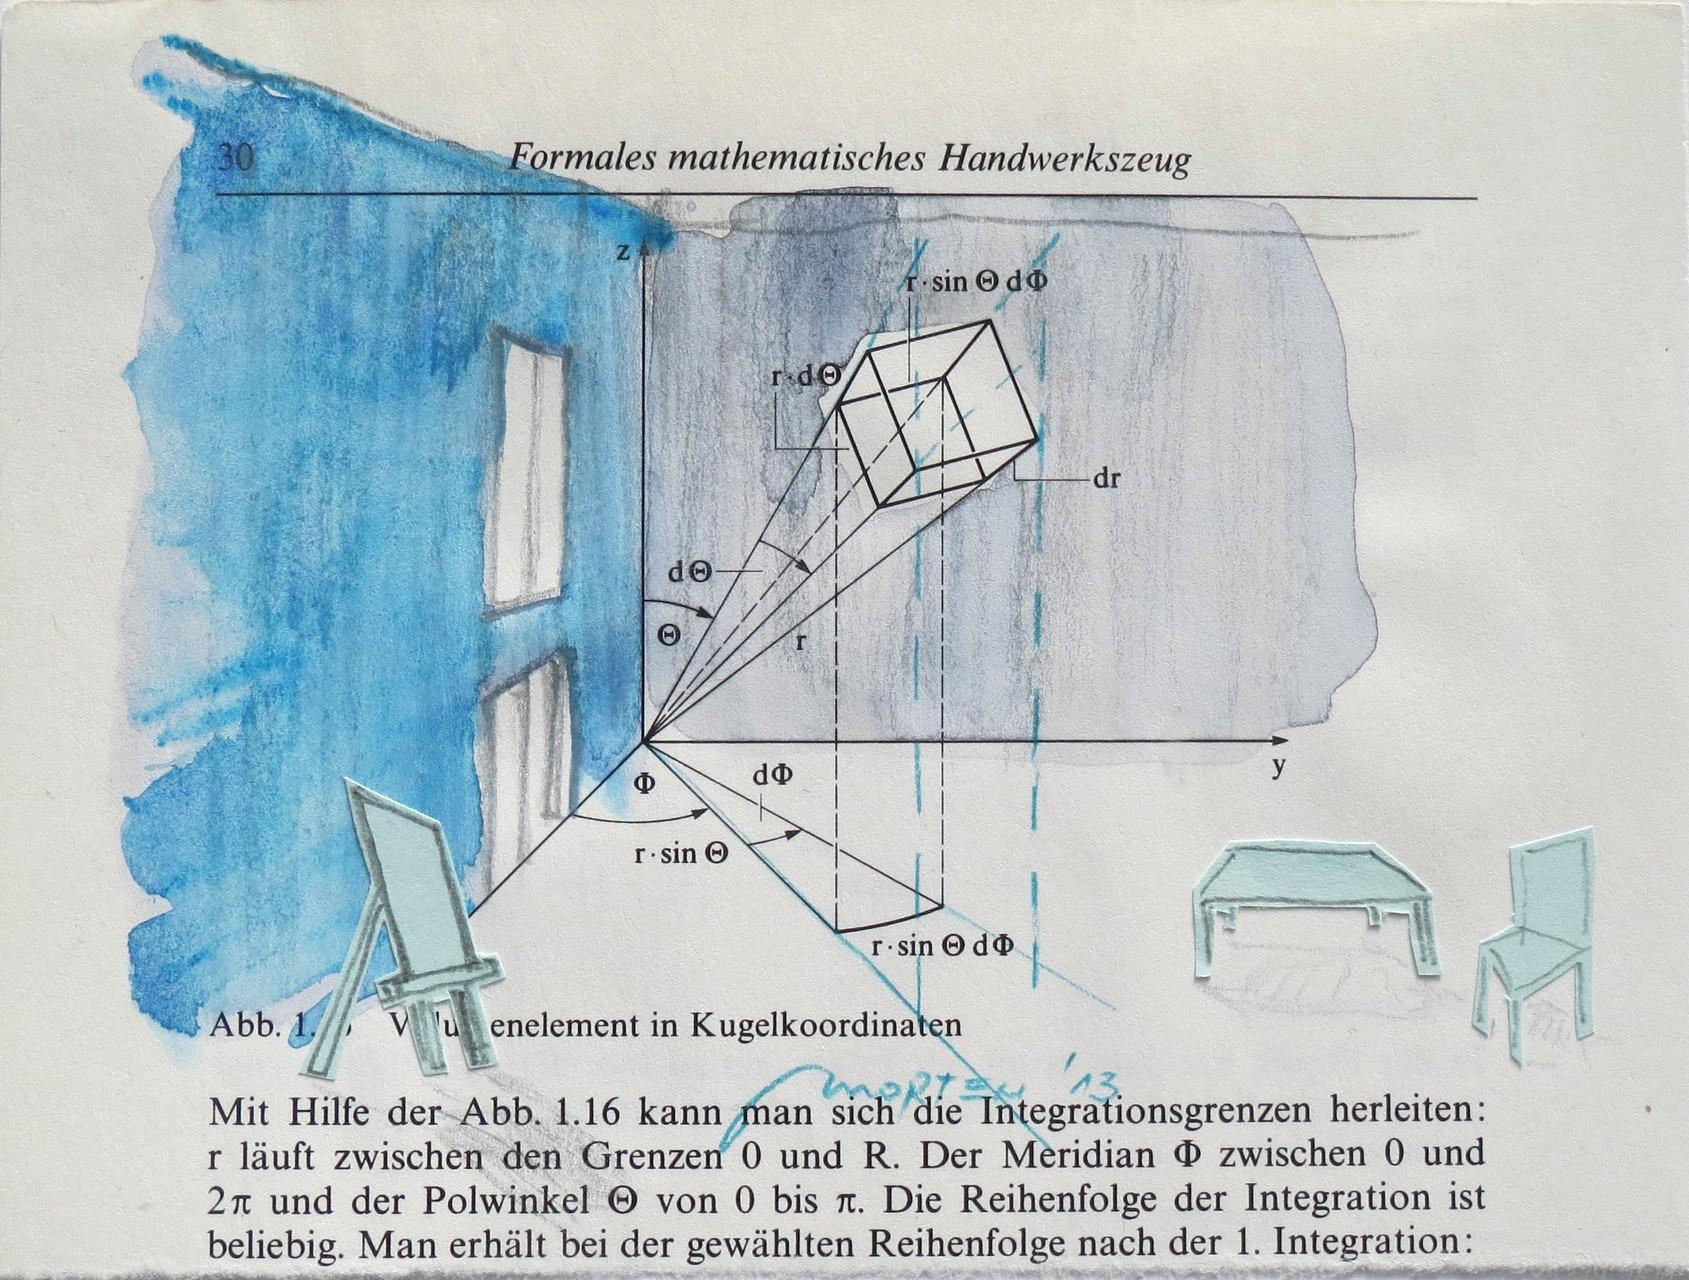 ATELIER, 2013, Johannes Morten, 10,5 x 14,8 cm, Pappe, Acryl, Graphit auf Buchseite